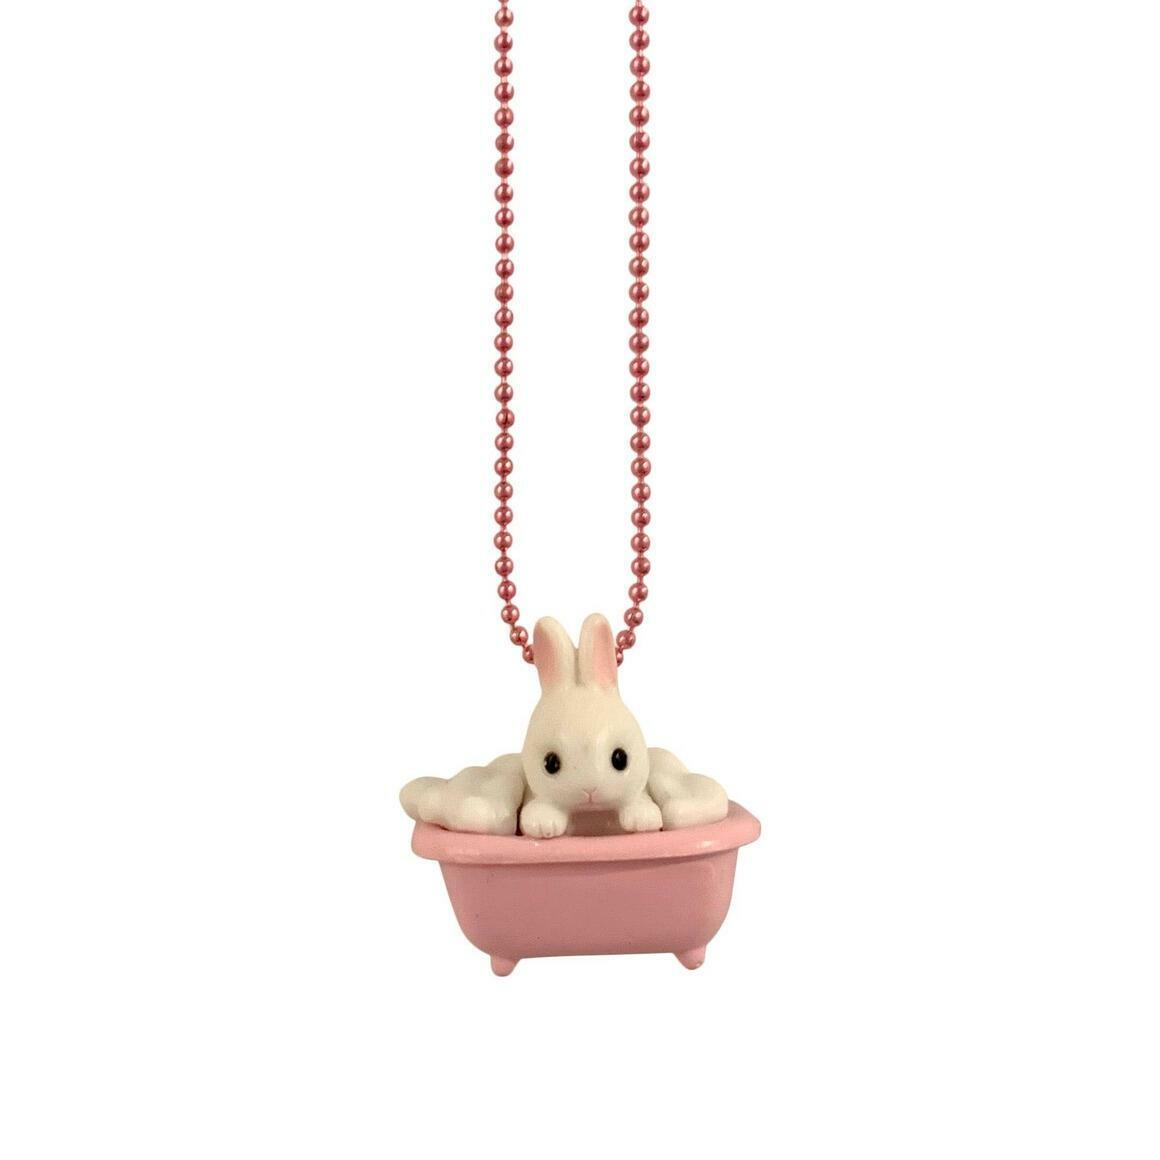 Ltd. Pop Cutie Bathtime Bunny Kids Necklaces | Trada Marketplace